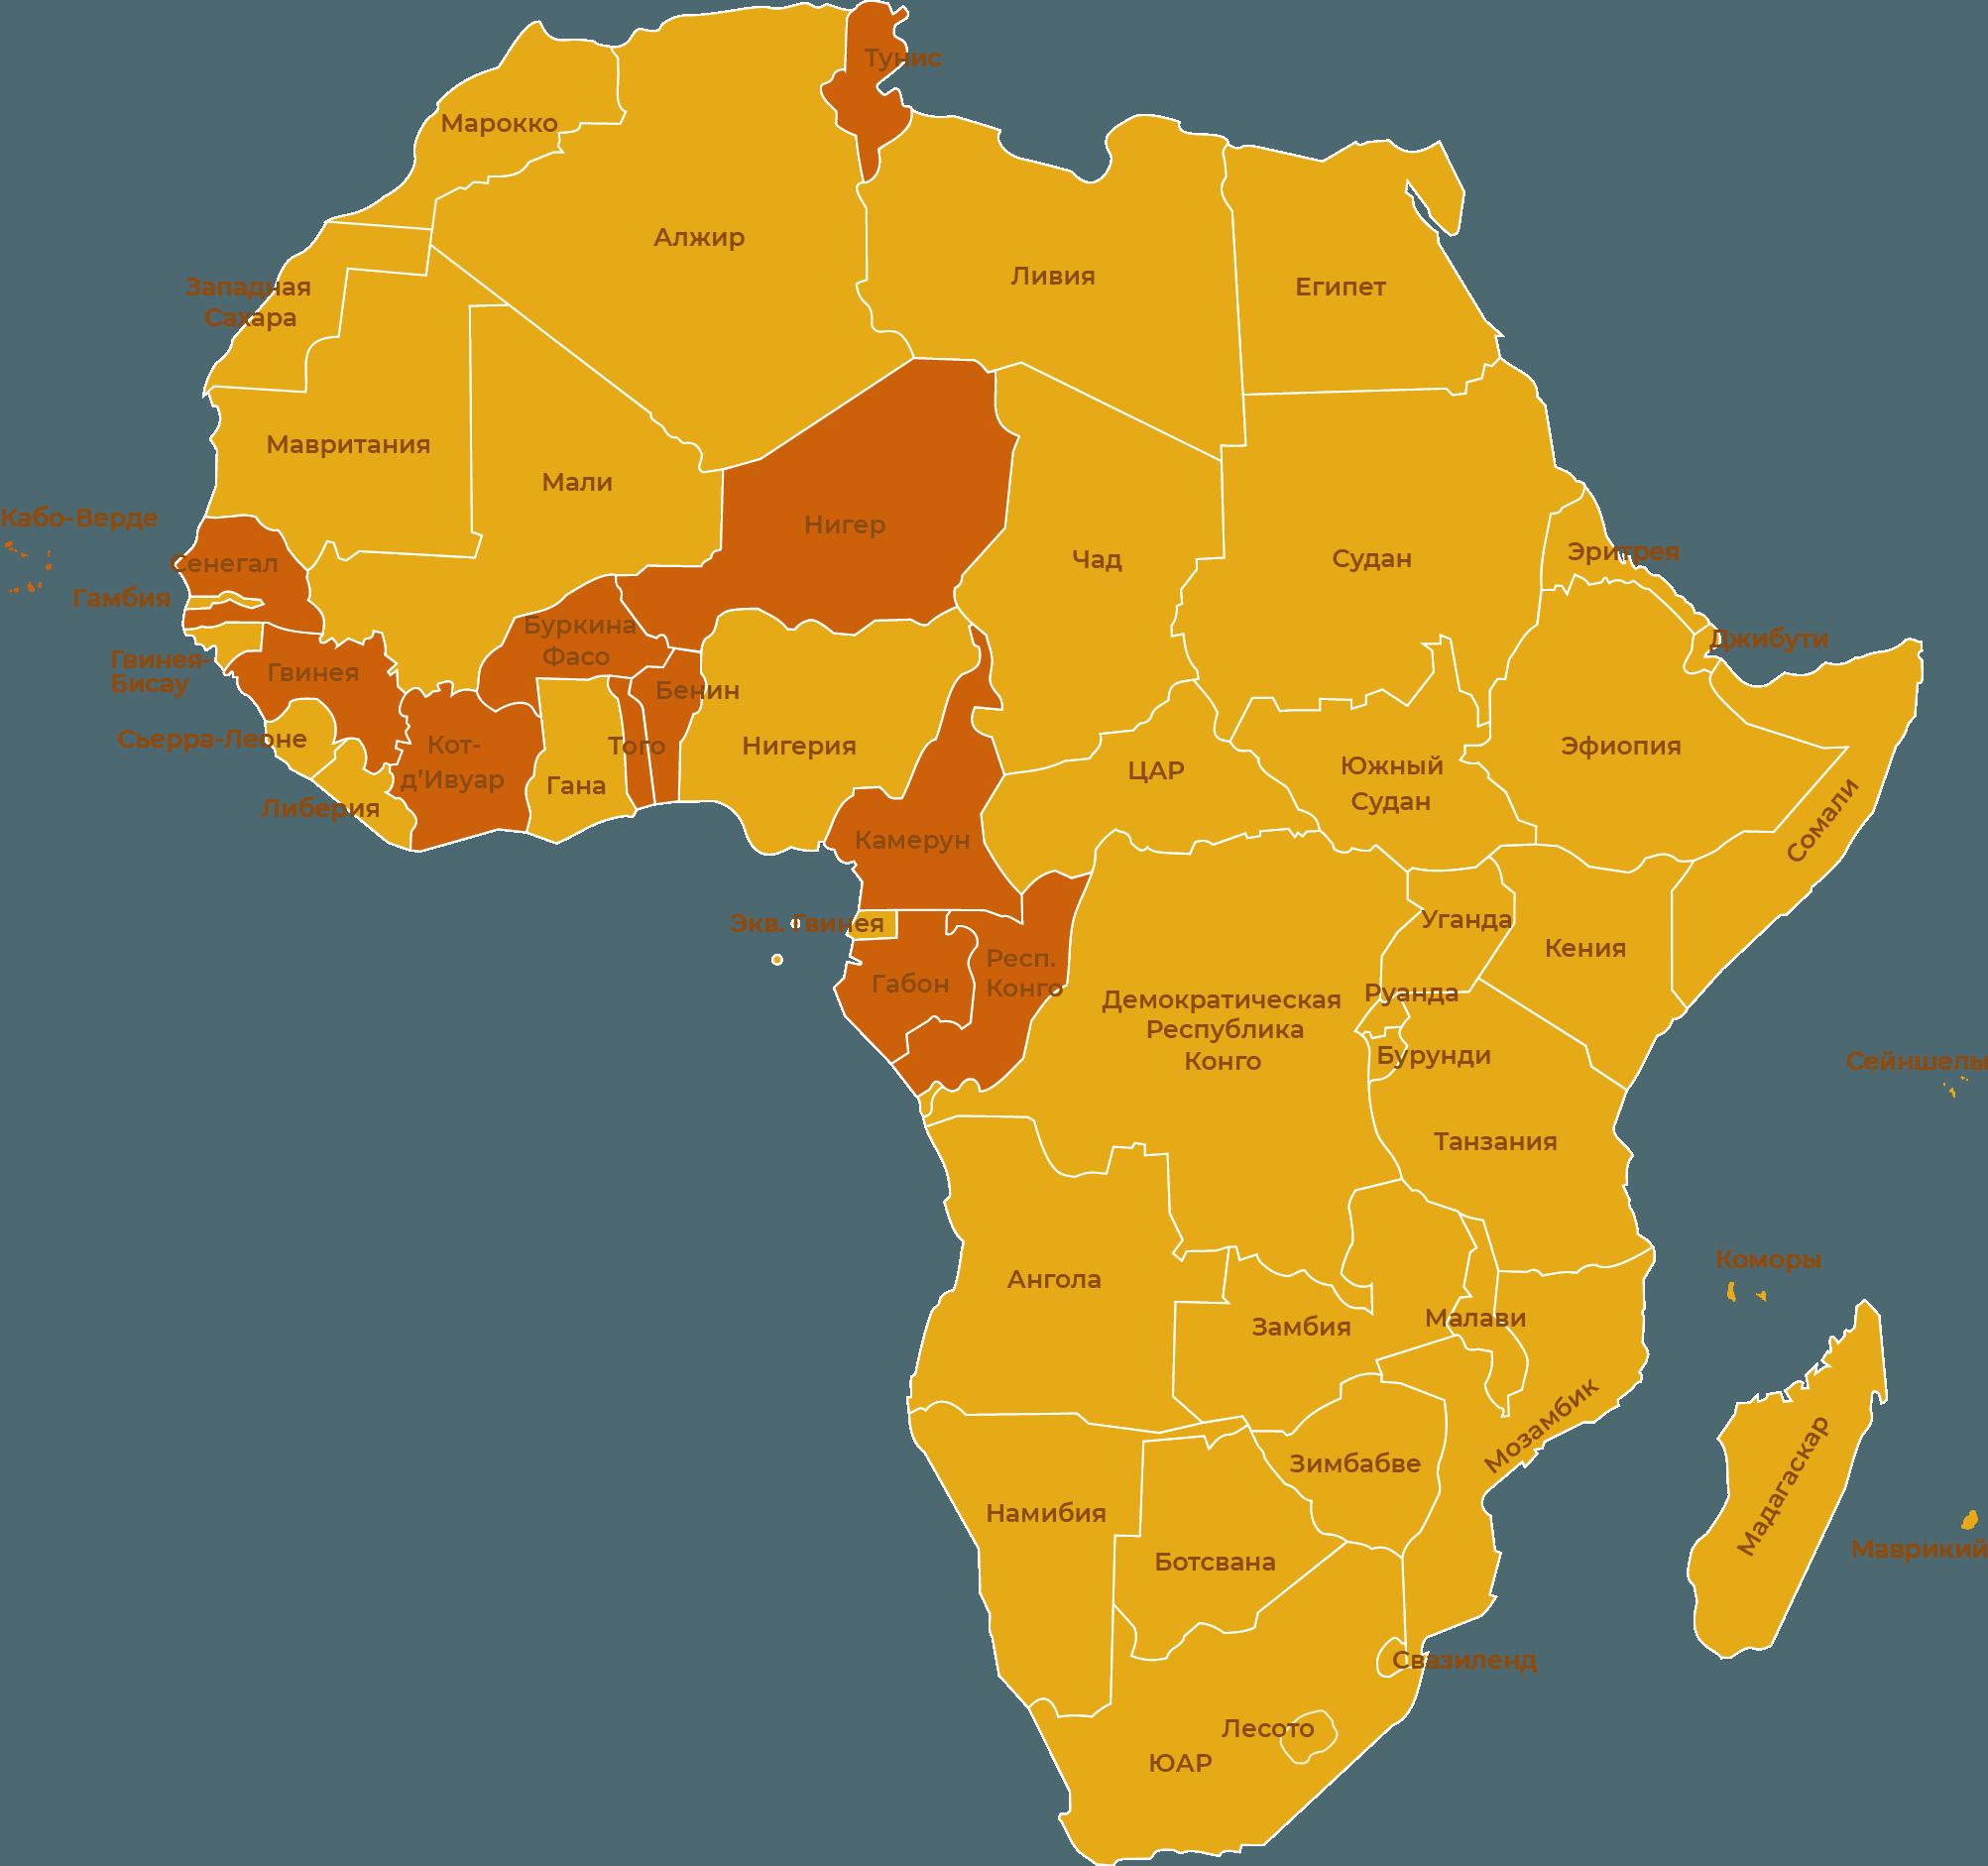 «Панафриканский проект» предусматривает создание региональных отделений движения Кеми Себа по всему континенту, сегодня Urpanaf представлена в 12 странах.